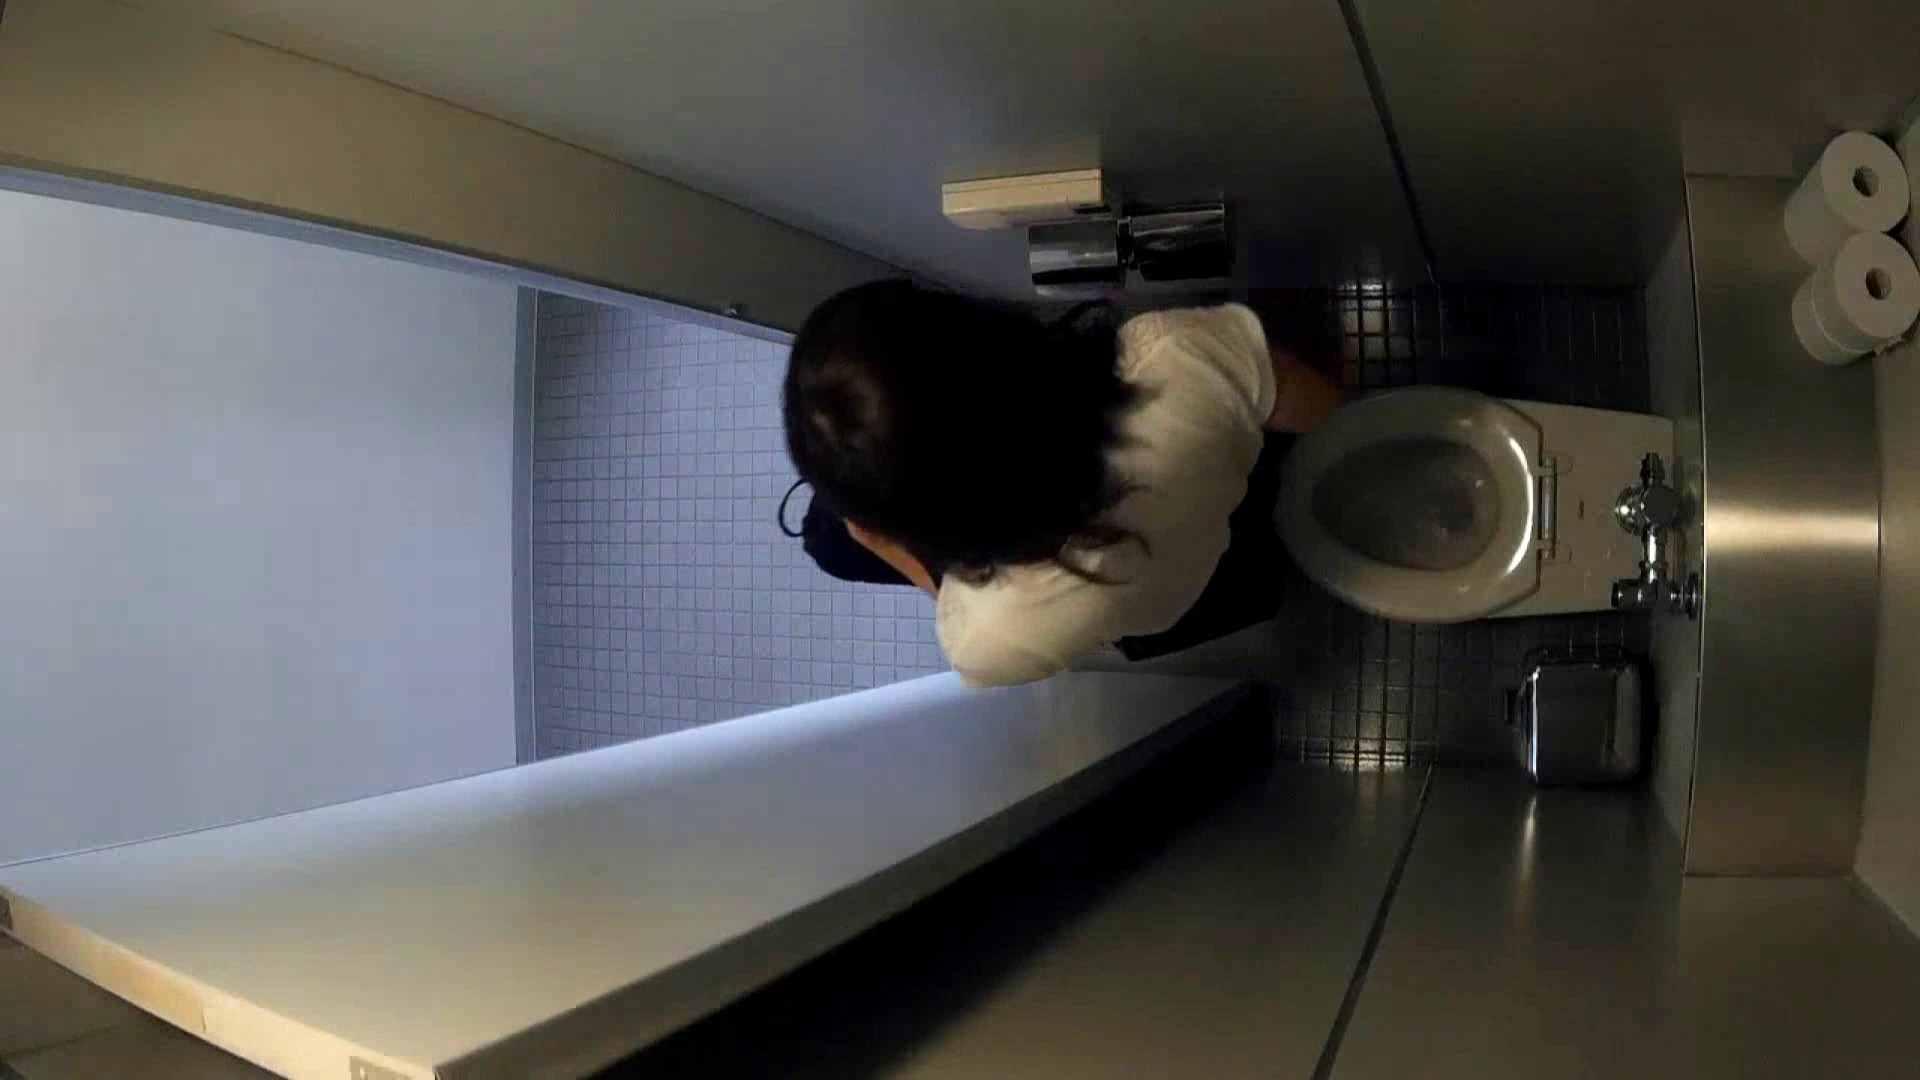 有名大学女性洗面所 vol.45 冴え渡る多方向撮影!職人技です。 投稿 | 綺麗なOLたち  88枚 11